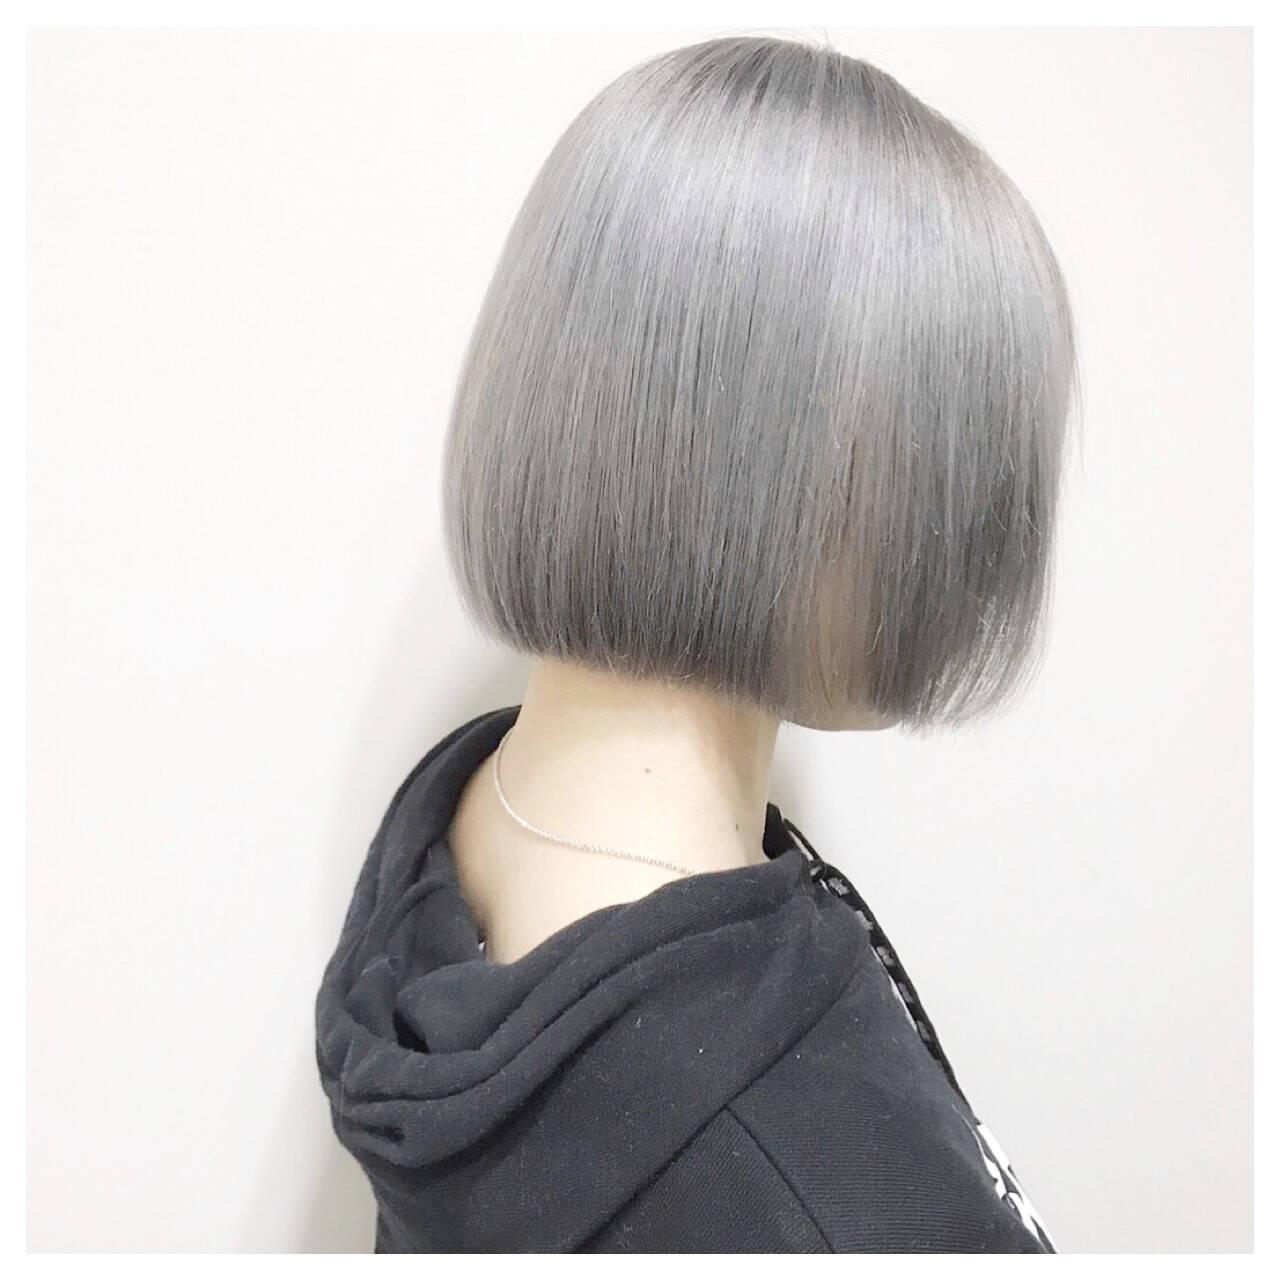 ホワイトアッシュ ホワイト シルバー ストリートヘアスタイルや髪型の写真・画像